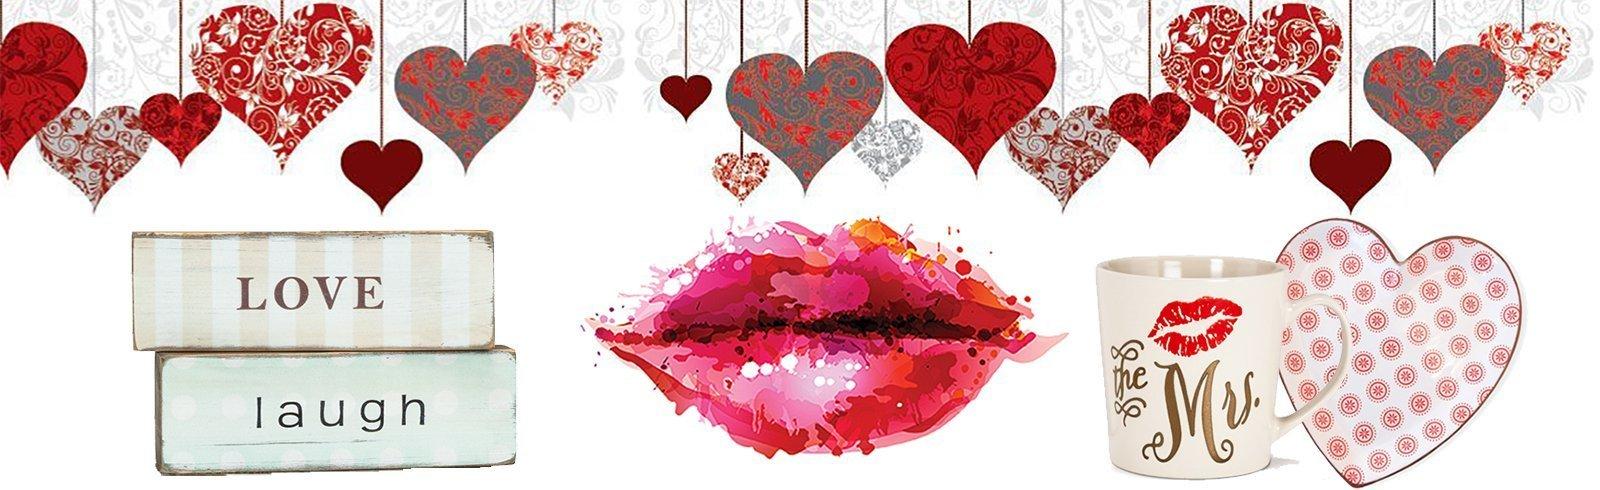 Valentine 2020 Banner